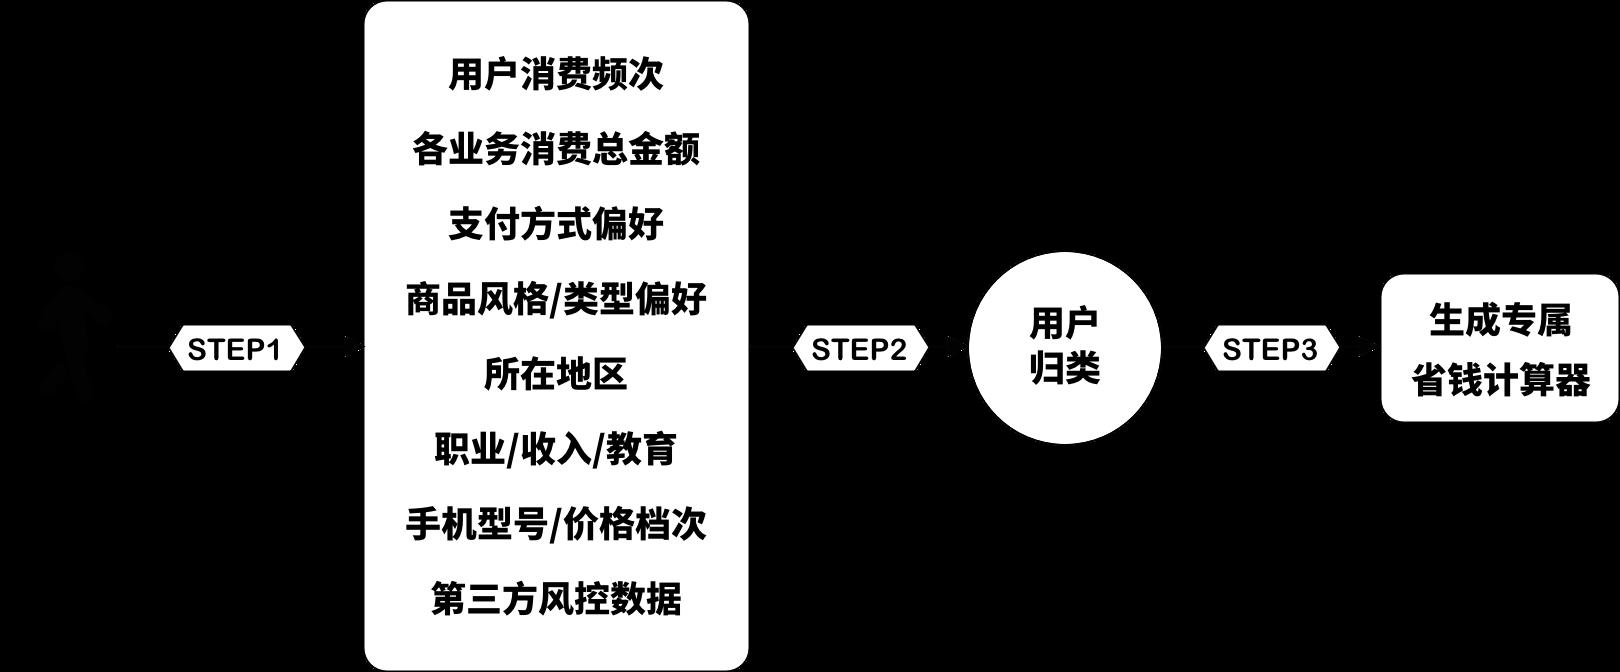 产品实践:会员制的产品如何设计会员卡?插图(4)